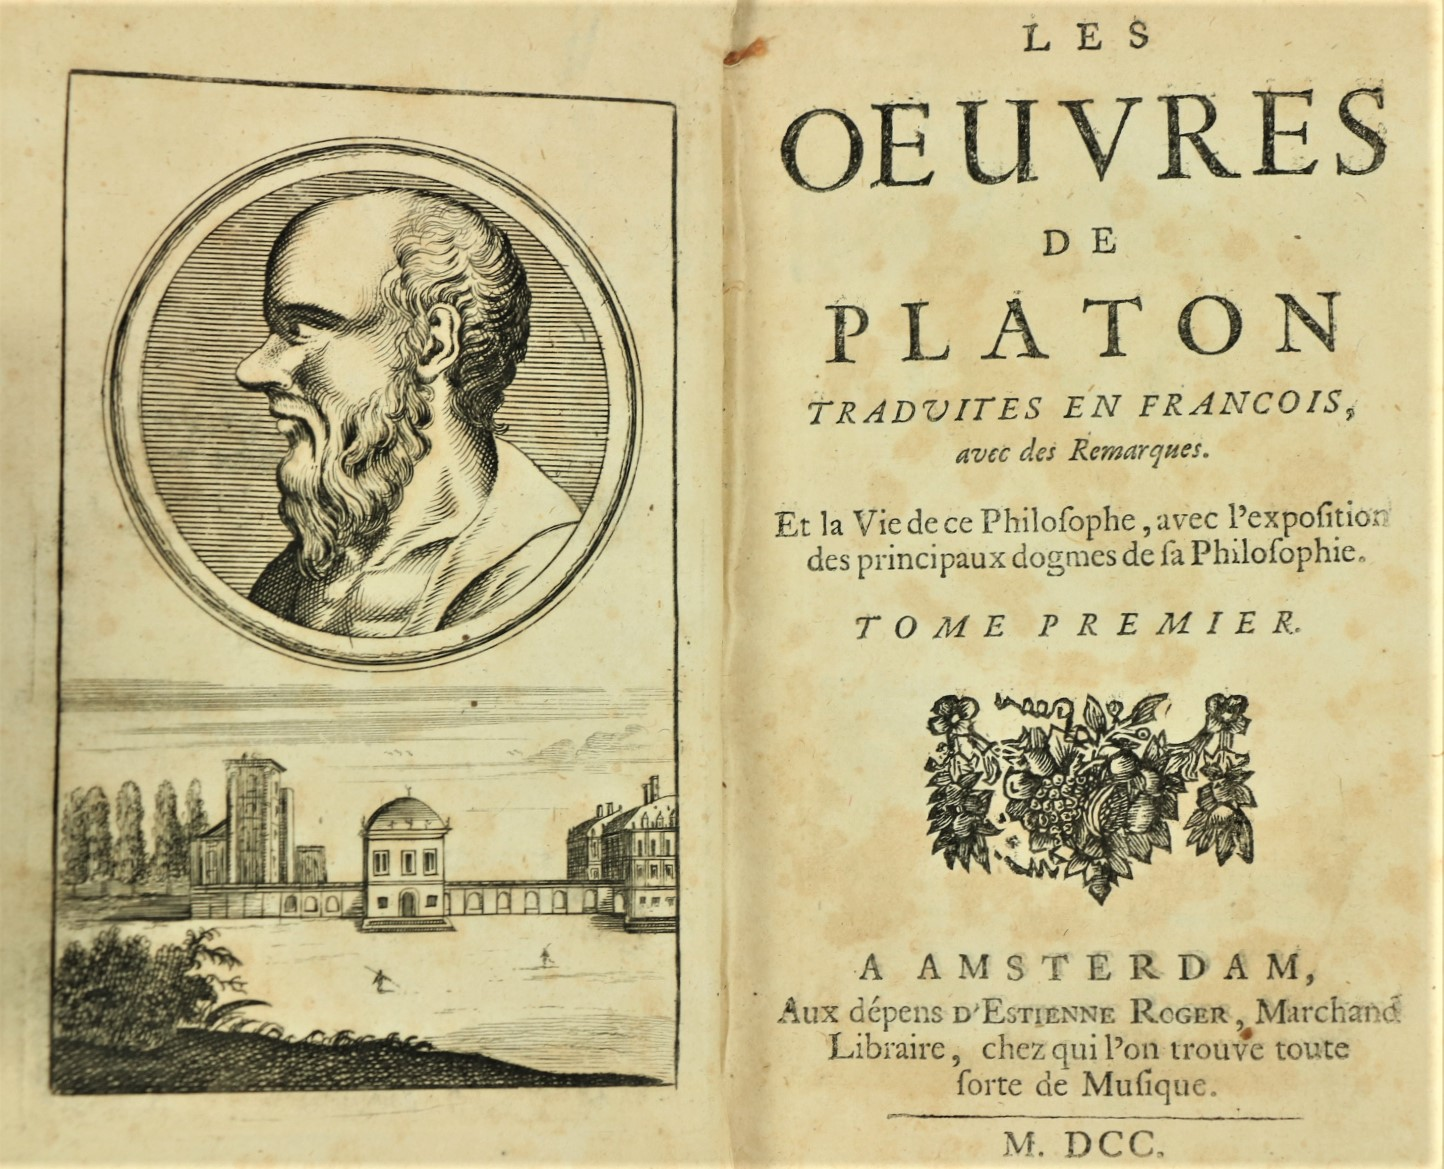 Platon -ÿÿLes Oeuvres de PlatonÿTraduites en Francois, avec des Remarques, 2 vols. Amsterdam (d' - Image 2 of 2